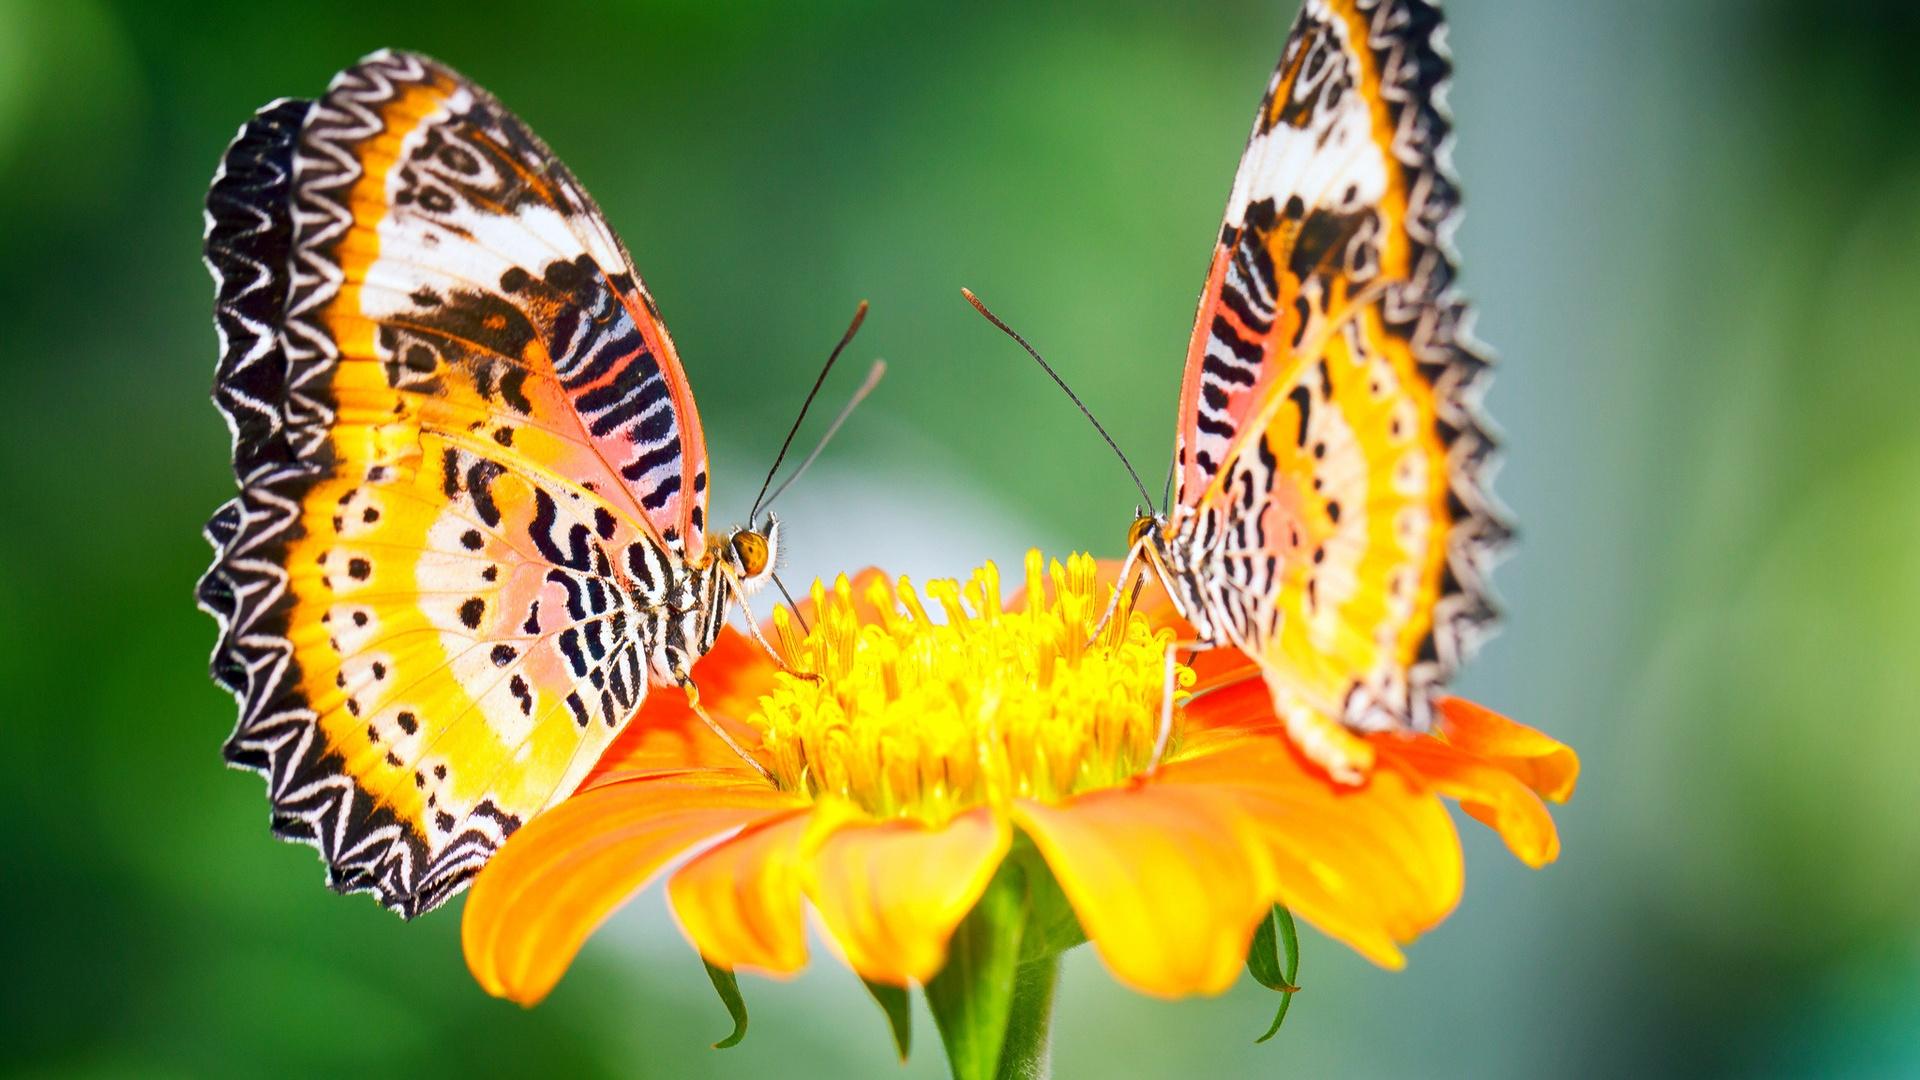 Красивые картинки и обои на рабочий стол Бабочки, Мотыльки 6